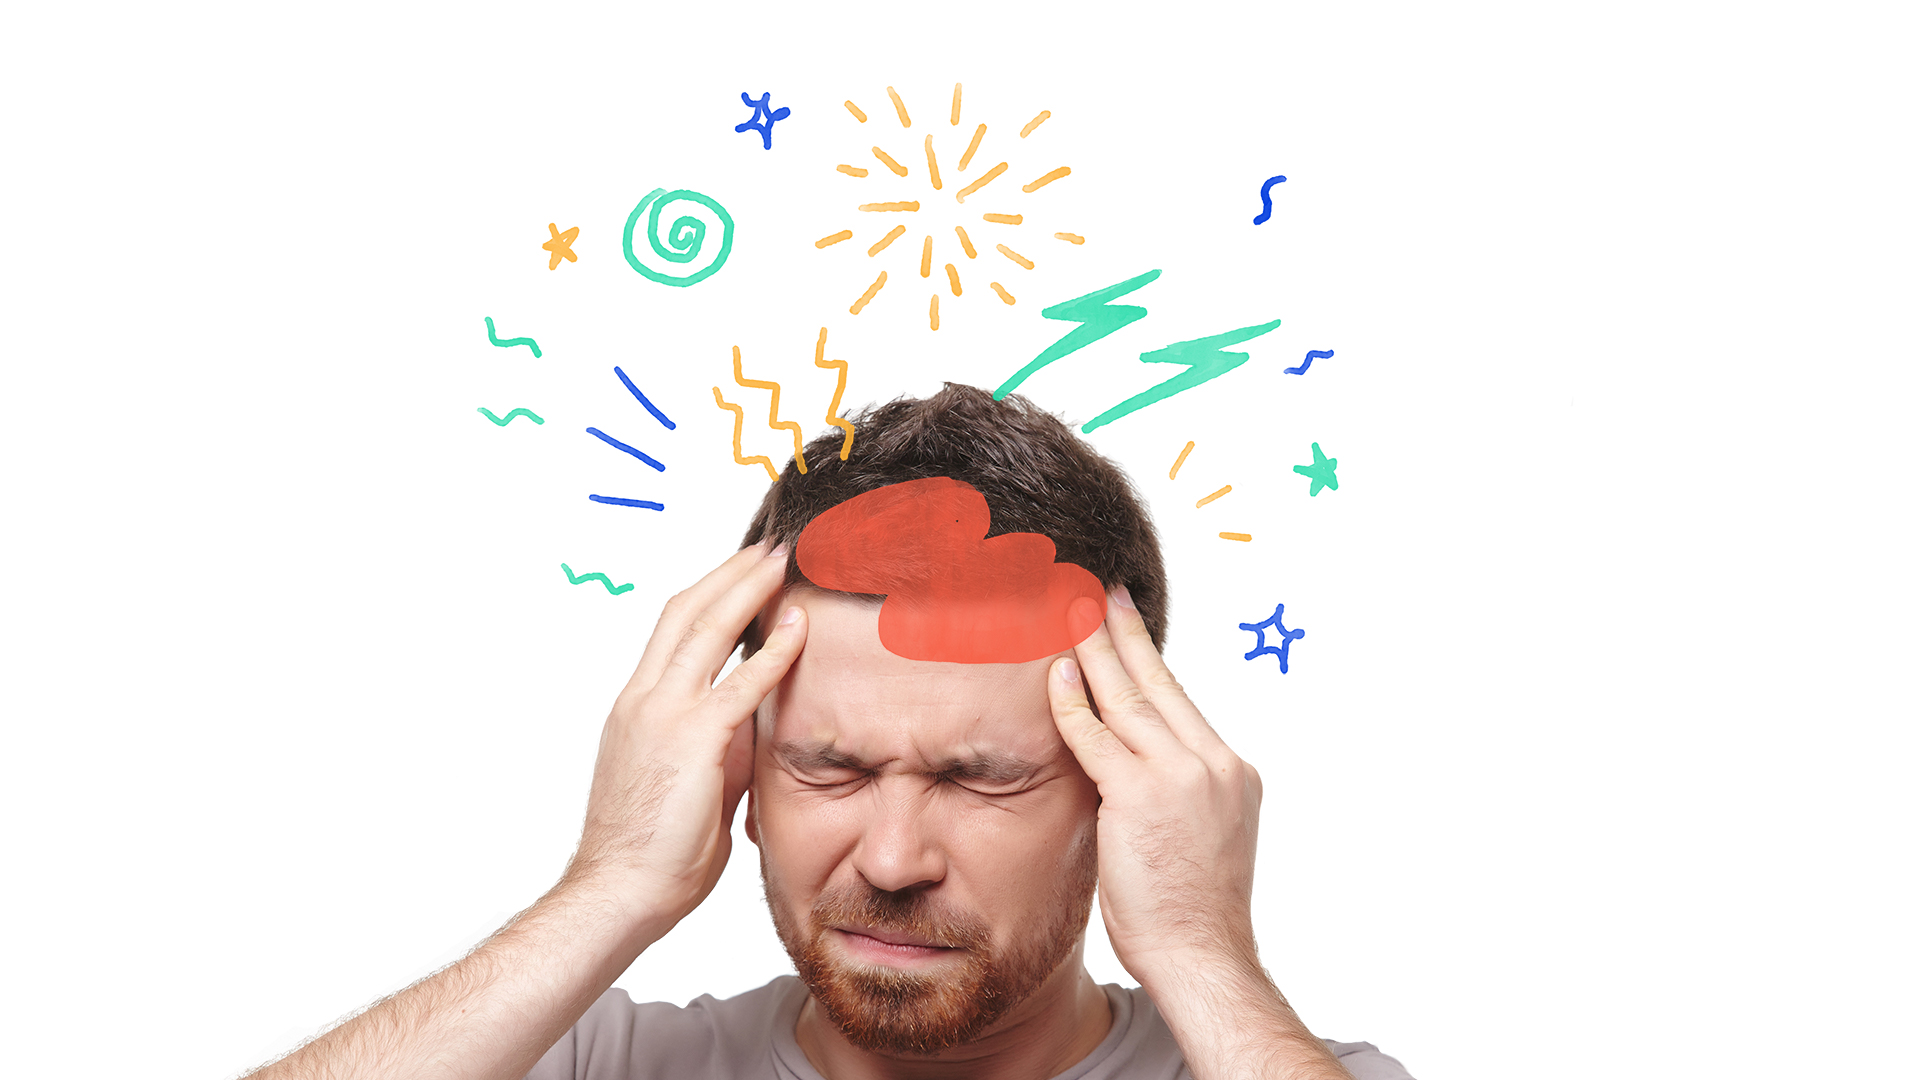 obat sakit kepala alami dan yang dapat dibeli di apotek